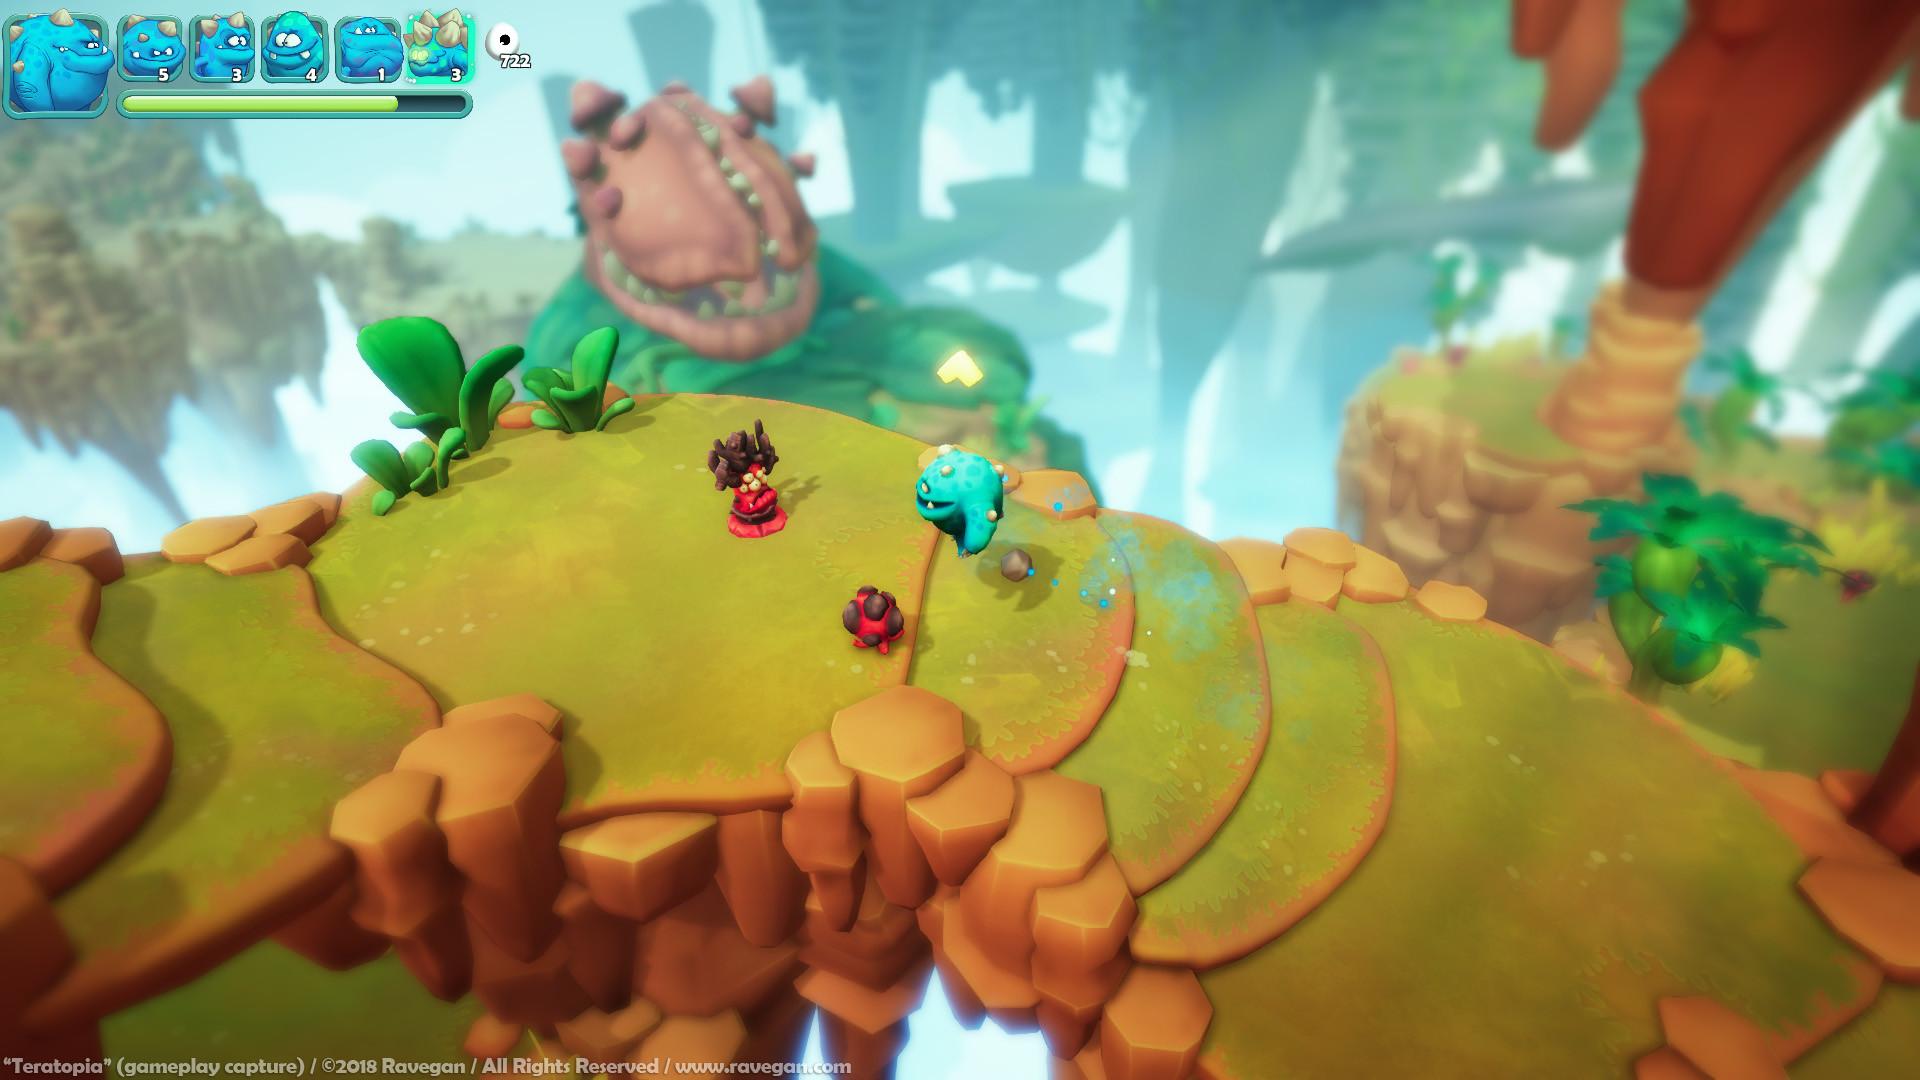 Ravegan games teratopia screenshot 003